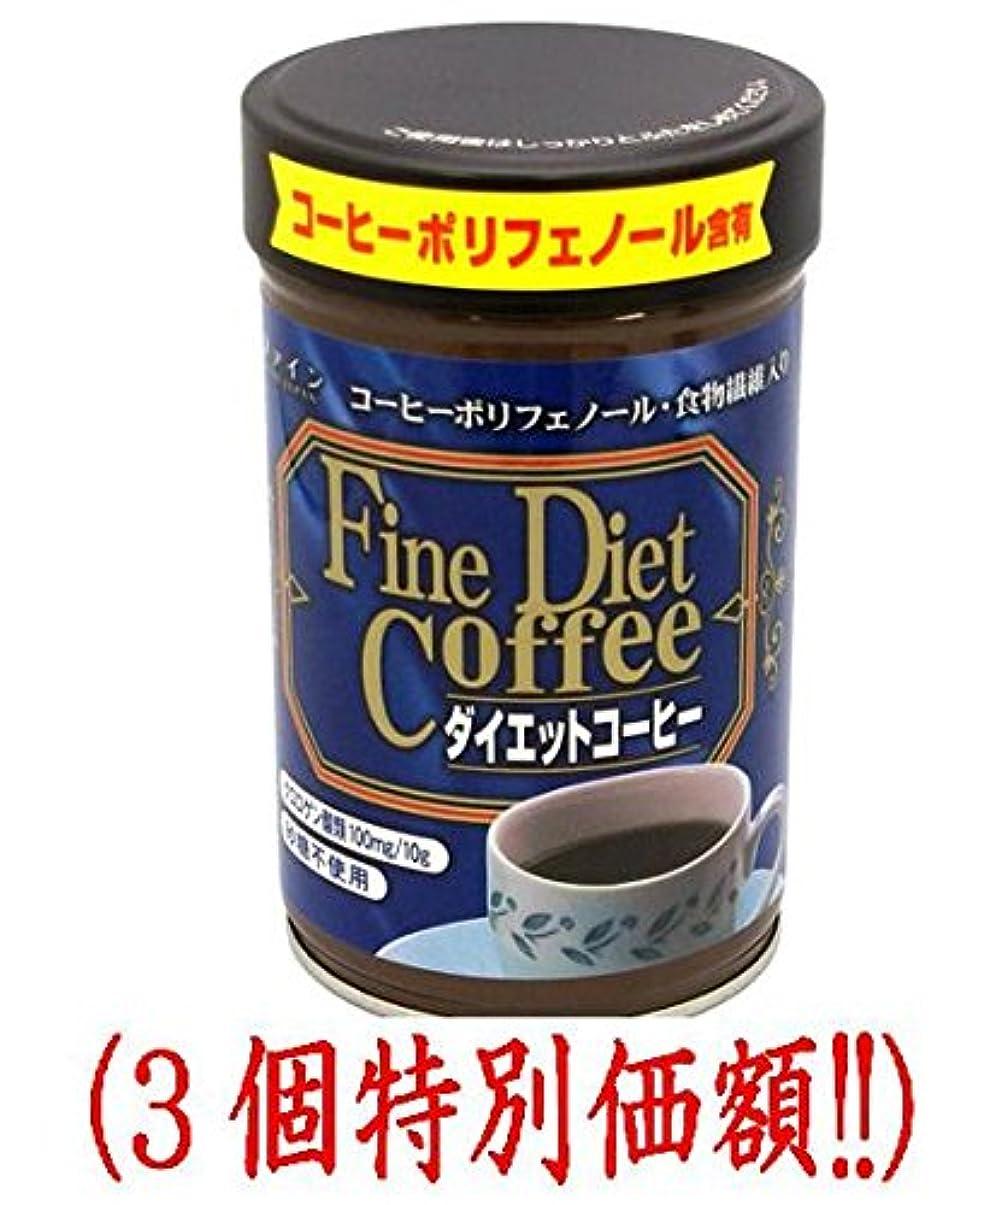 バンジージャンプ繁殖伴うファイン ダイエットコーヒー【3本セット】